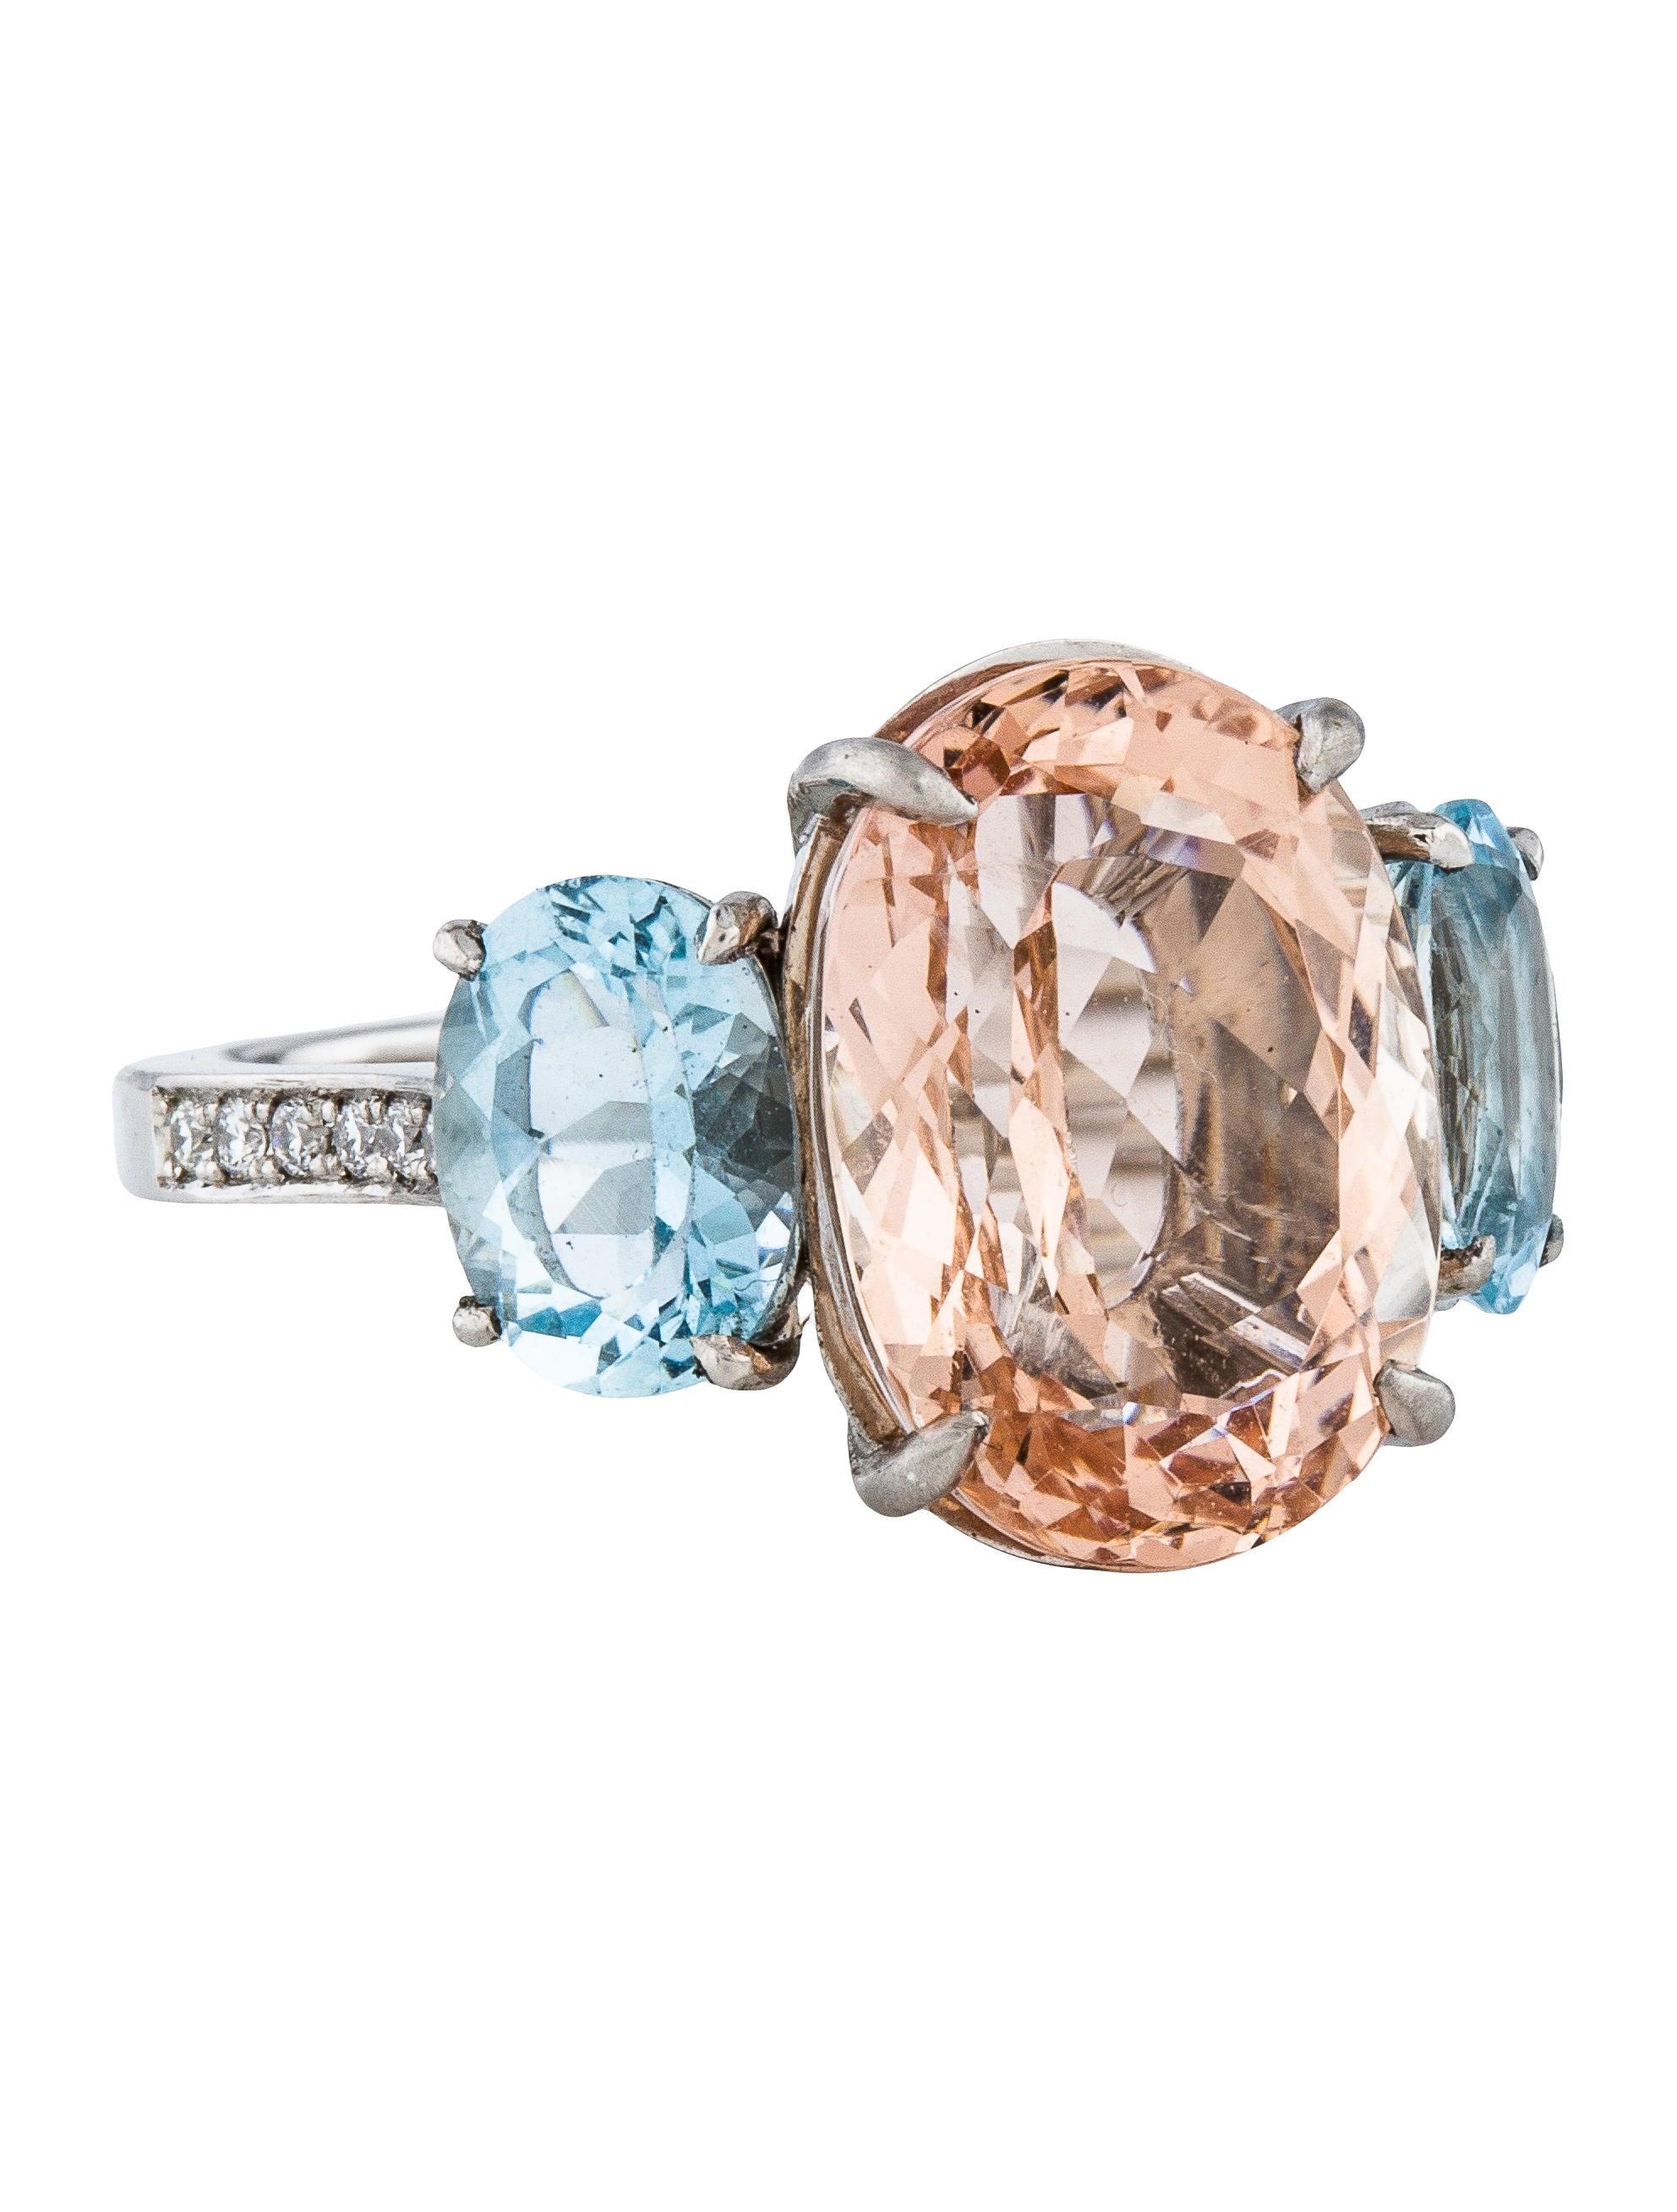 Morganite and Aquamarine Ring Rings FJR